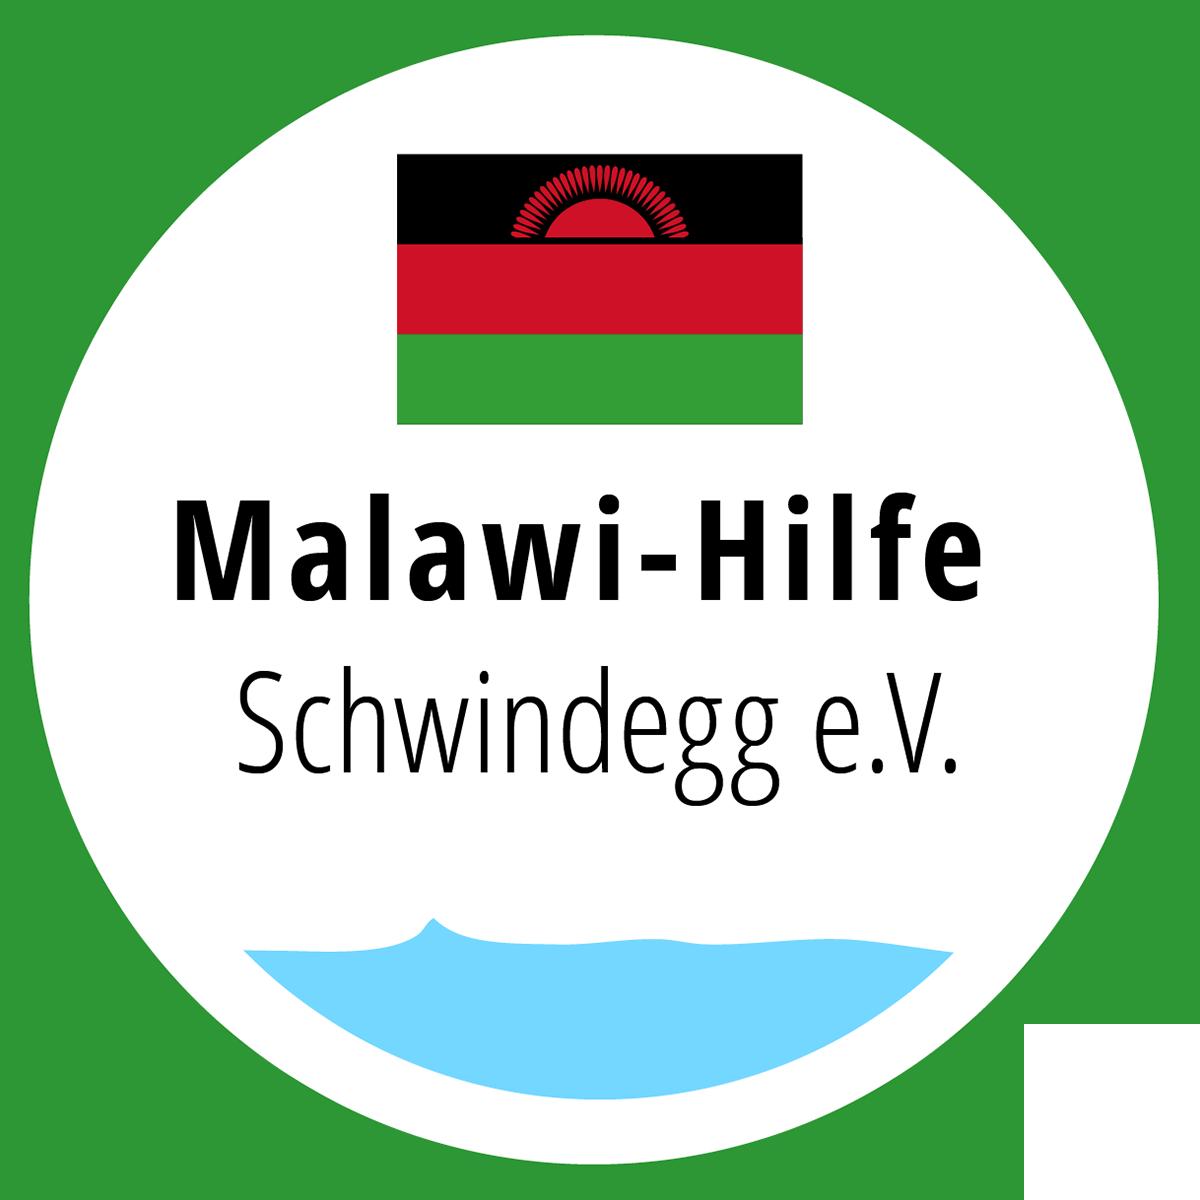 Malawi Hilfe Schwindegg